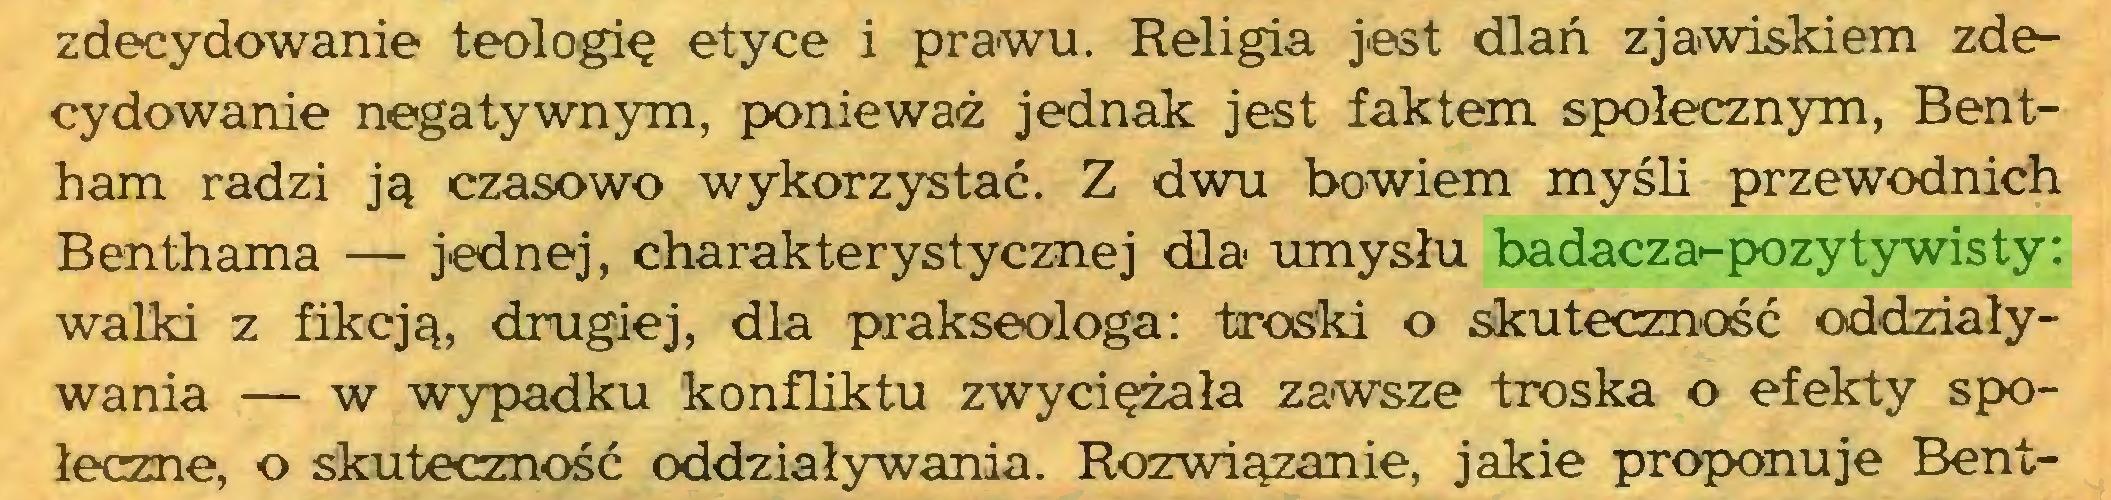 (...) zdecydowanie teologię etyce i prawu. Religia jest dlań zjawiskiem zdecydowanie negatywnym, ponieważ jednak jest faktem społecznym, Bentham radzi ją czasowo wykorzystać. Z dwu bowiem myśli przewodnich Benthama — jednej, charakterystycznej dla umysłu badacza-pozytywisty: walki z fikcją, drugiej, dla prakseologa: troski o skuteczność oddziaływania — w wypadku konfliktu zwyciężała zawsze troska o efekty społeczne, o skuteczność oddziaływania. Rozwiązanie, jakie proponuje Bent...